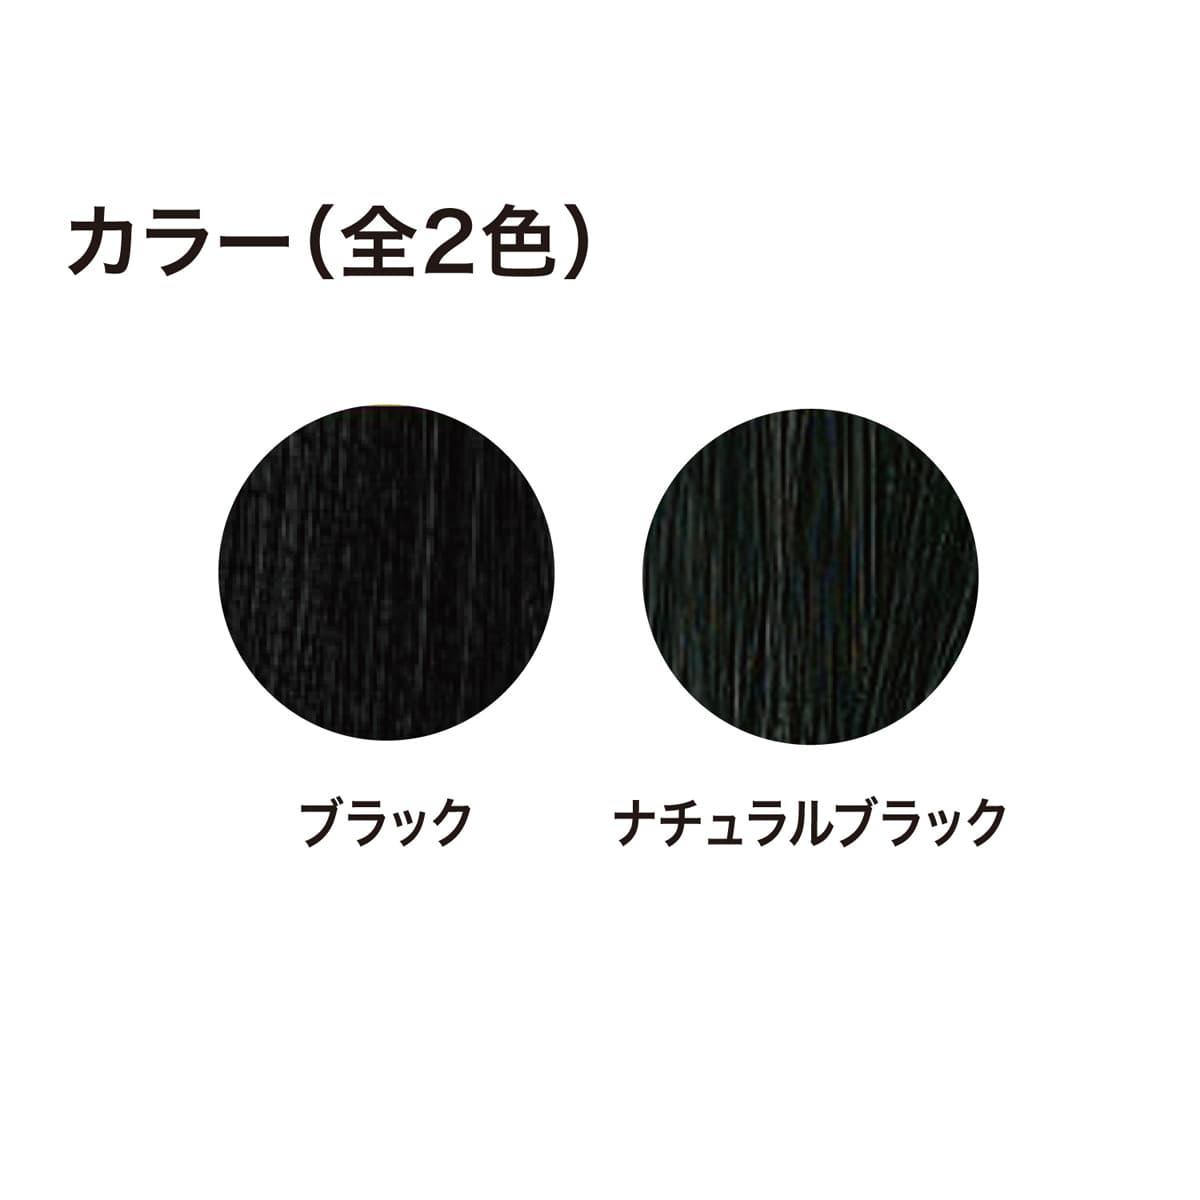 アートミクロン パウダー(20g) 【3個まとめ買い】